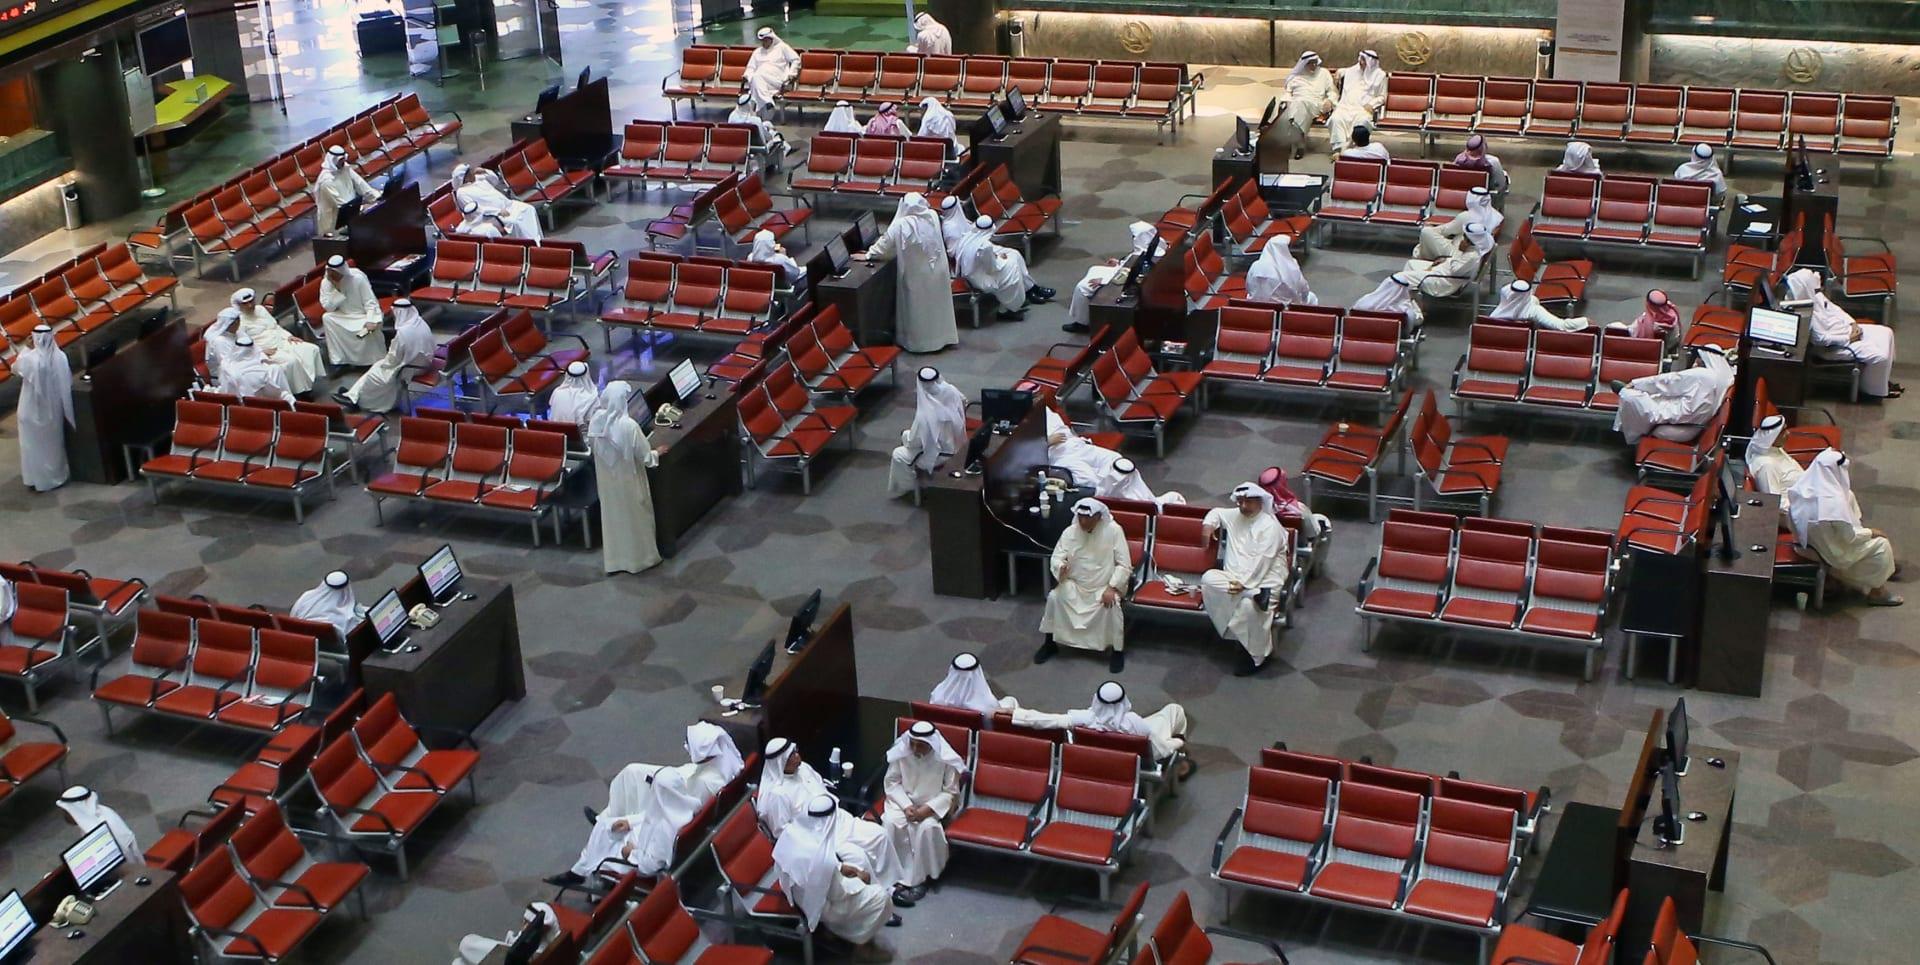 الكويت تسمح للمستثمر الأجنبي بتملك أسهم البنوك دون سقف للملكية